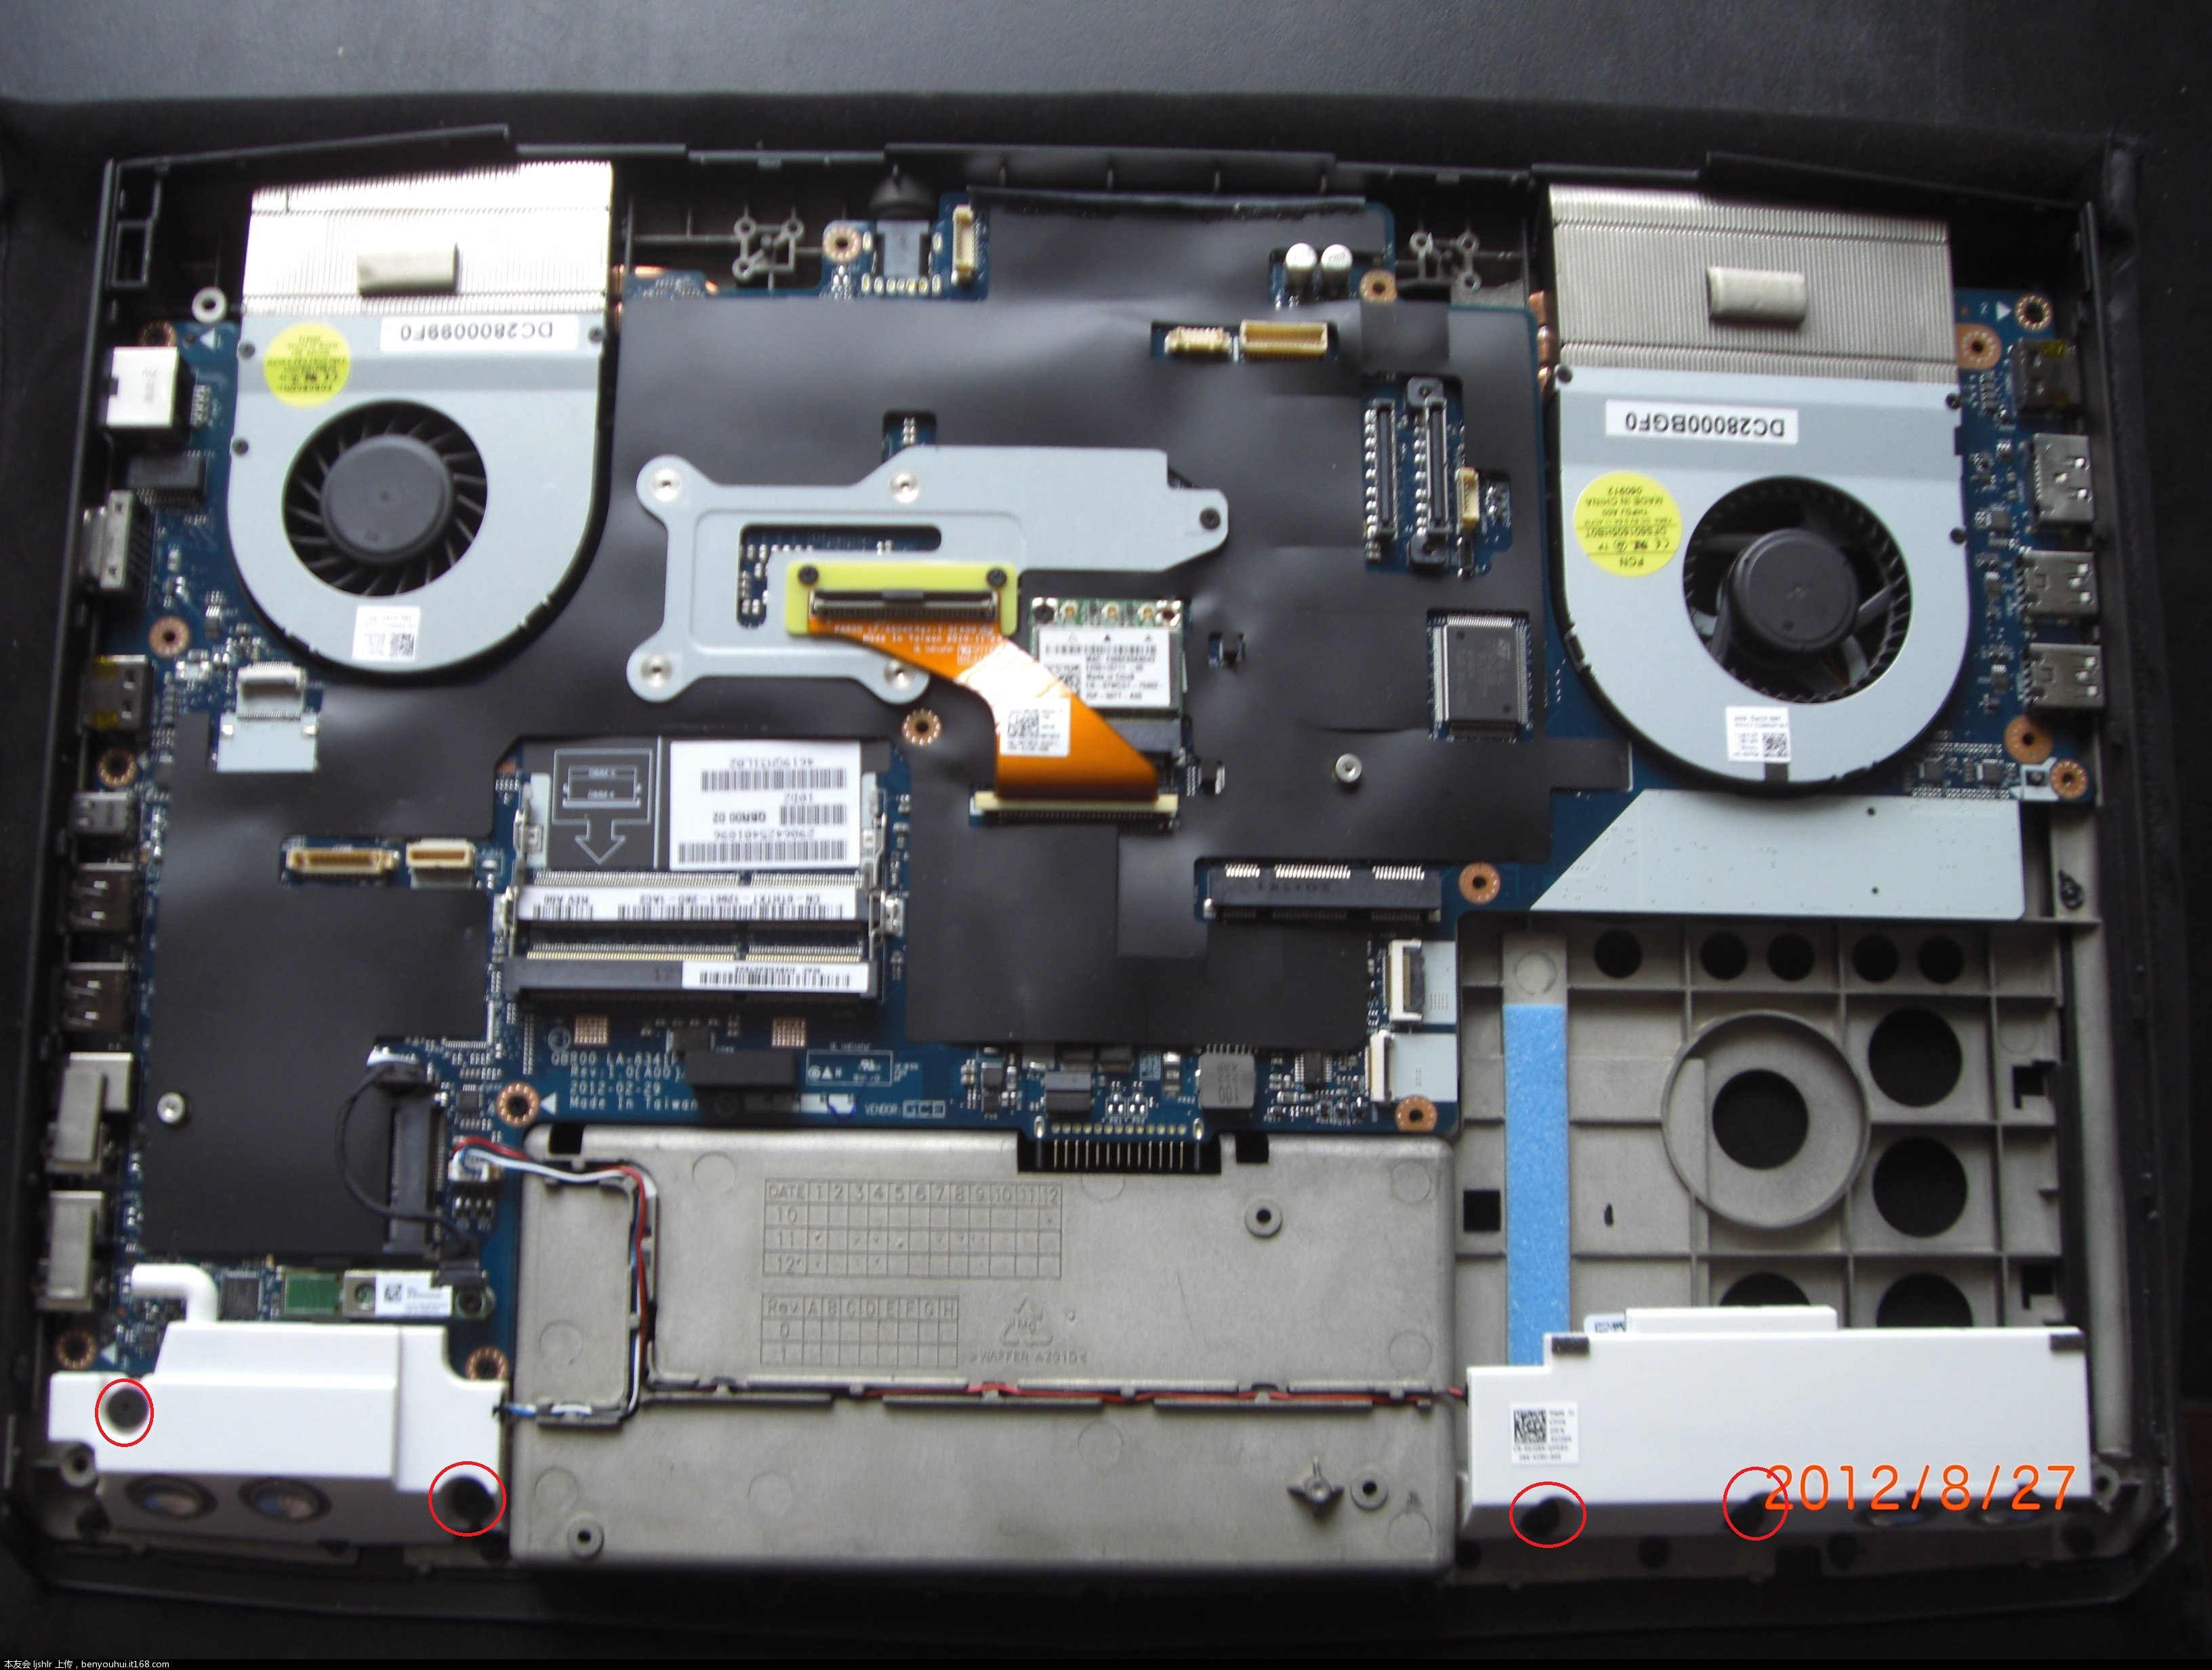 华擎X570主板用户的惨痛经历: 温度为60°C时显卡将关闭